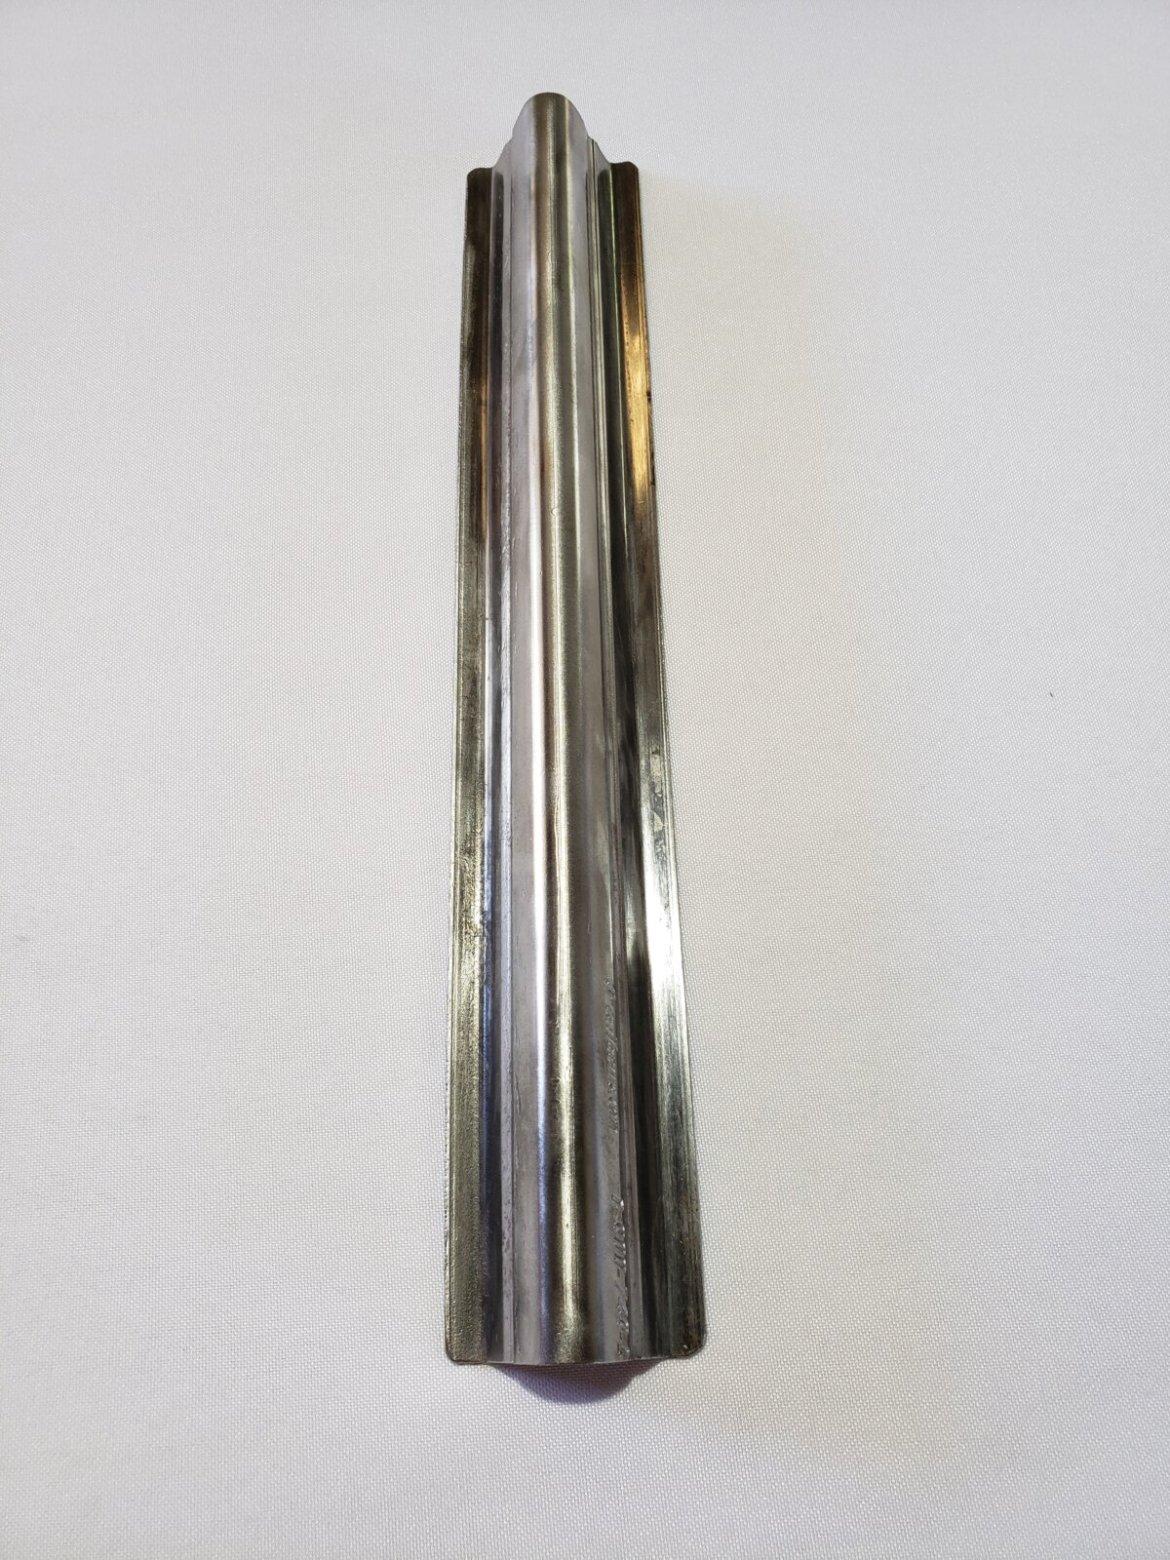 Metal Grapestake, Full View